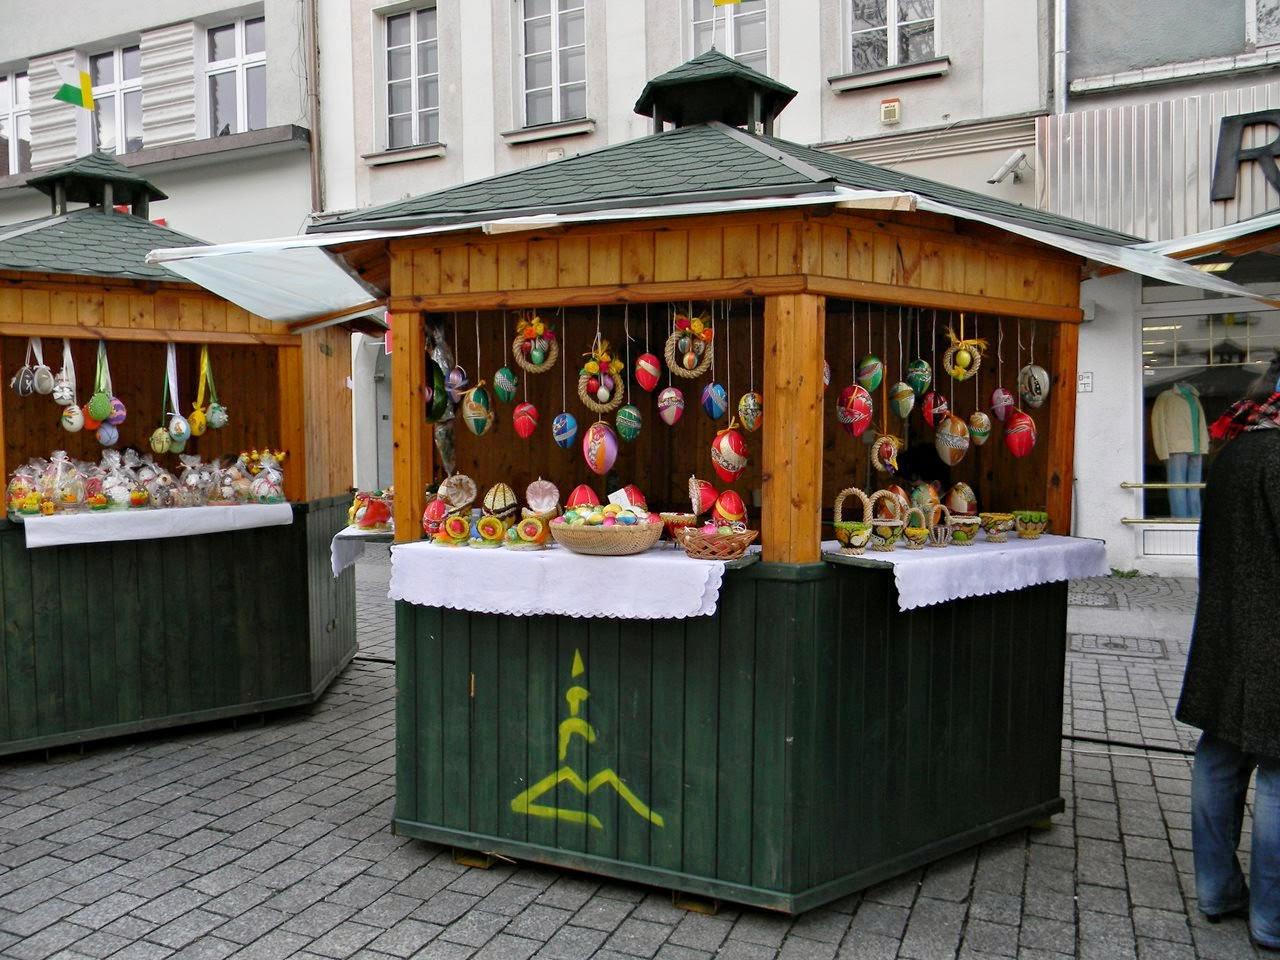 jarmark, stoiska, tradycje świąteczne, jaja